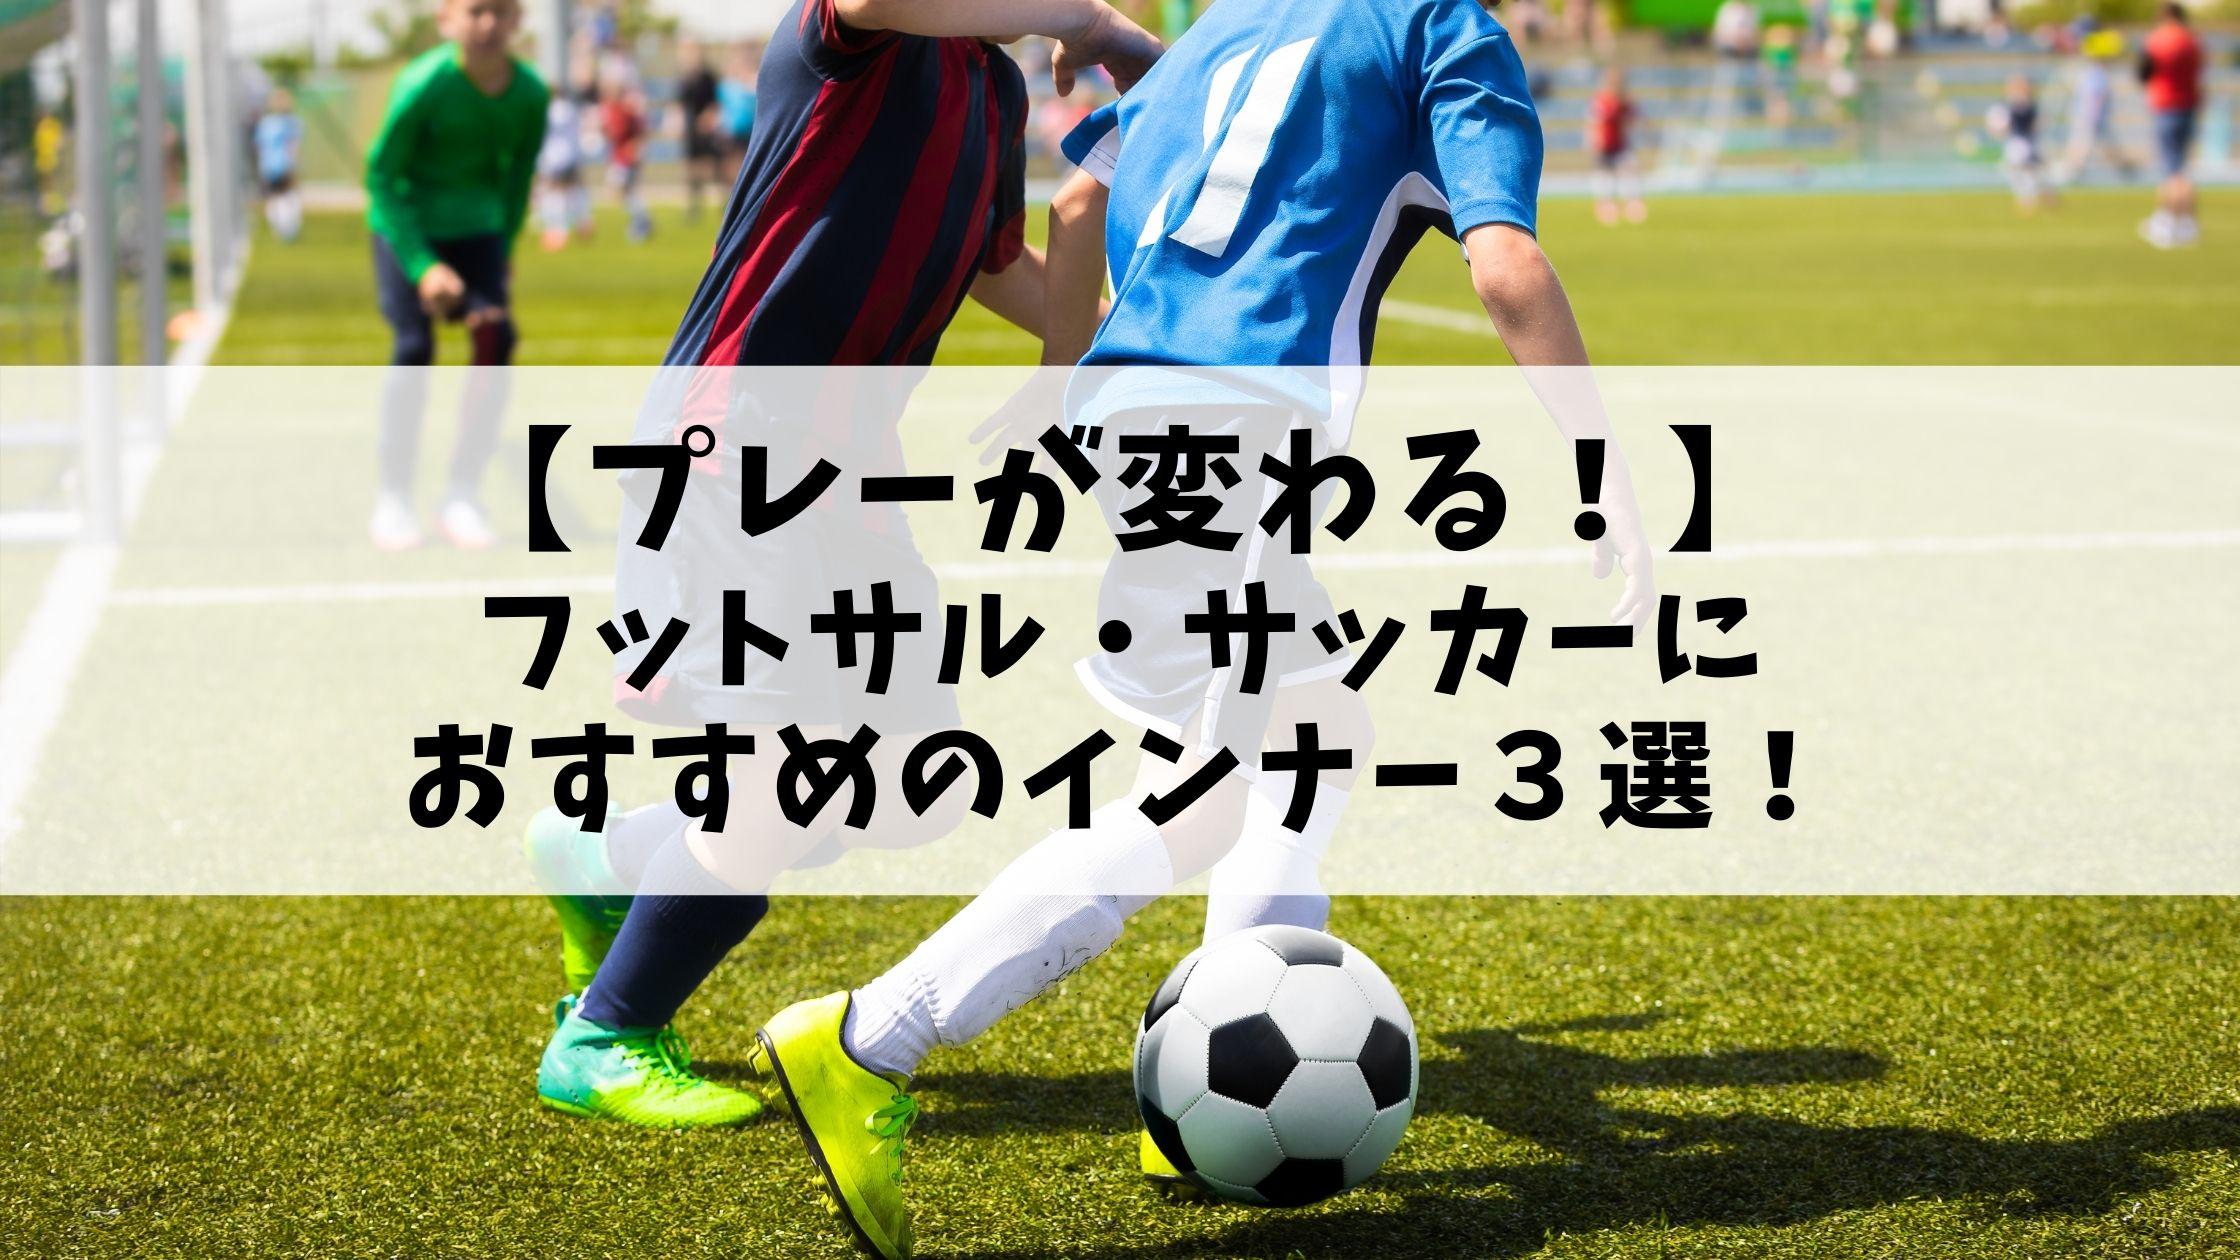 プレーが変わる!フットサル・サッカーにおすすめのインナー3選!